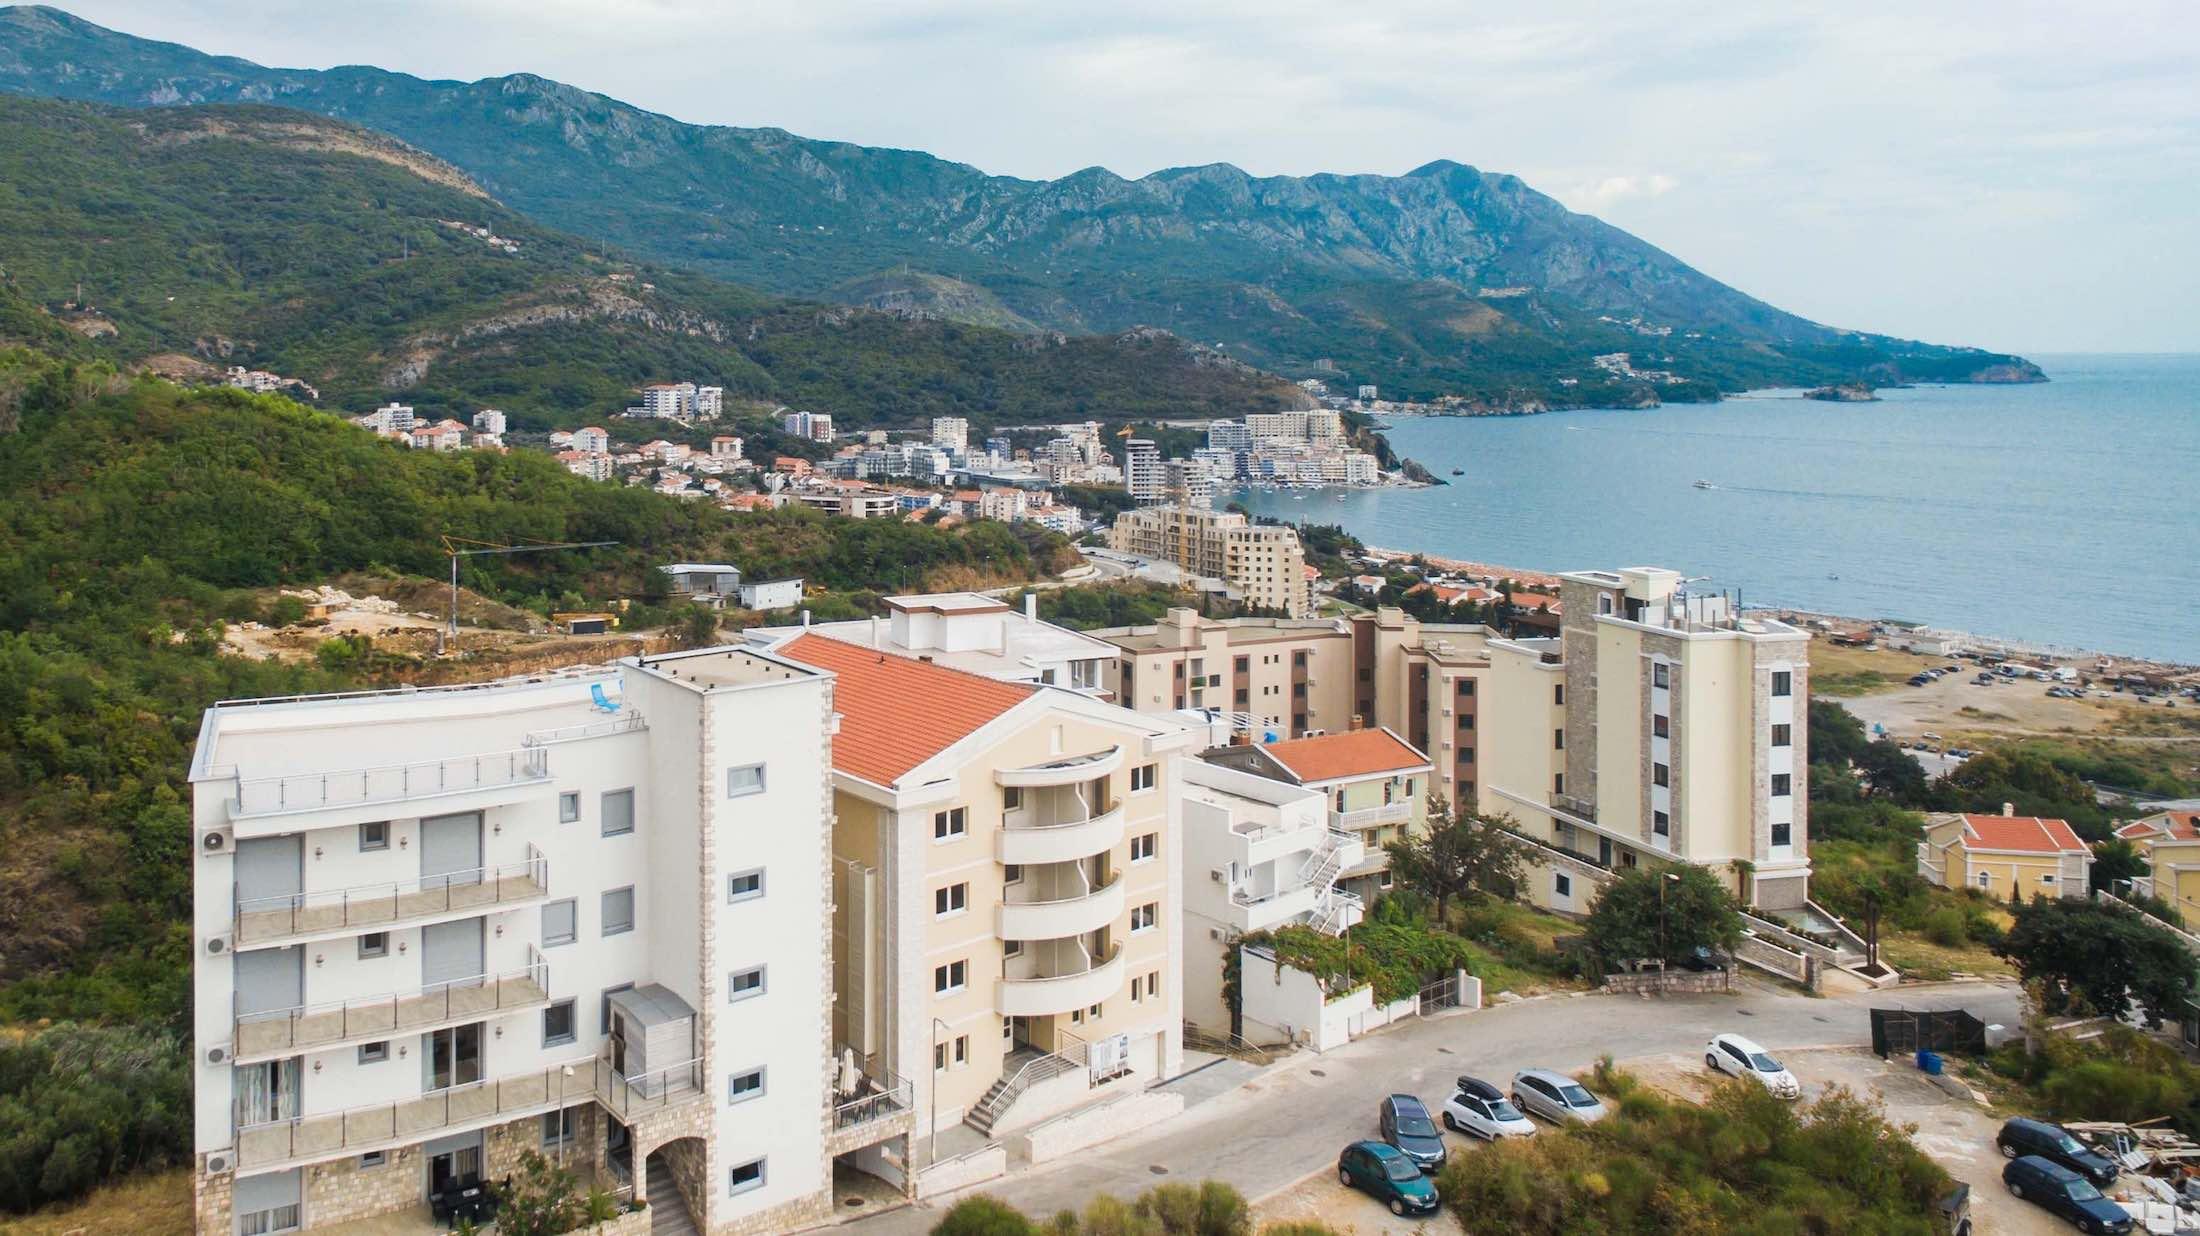 IVANOVICI ANATOLIA доходная недвижимость в черногории Бечичи Будва2.jpeg